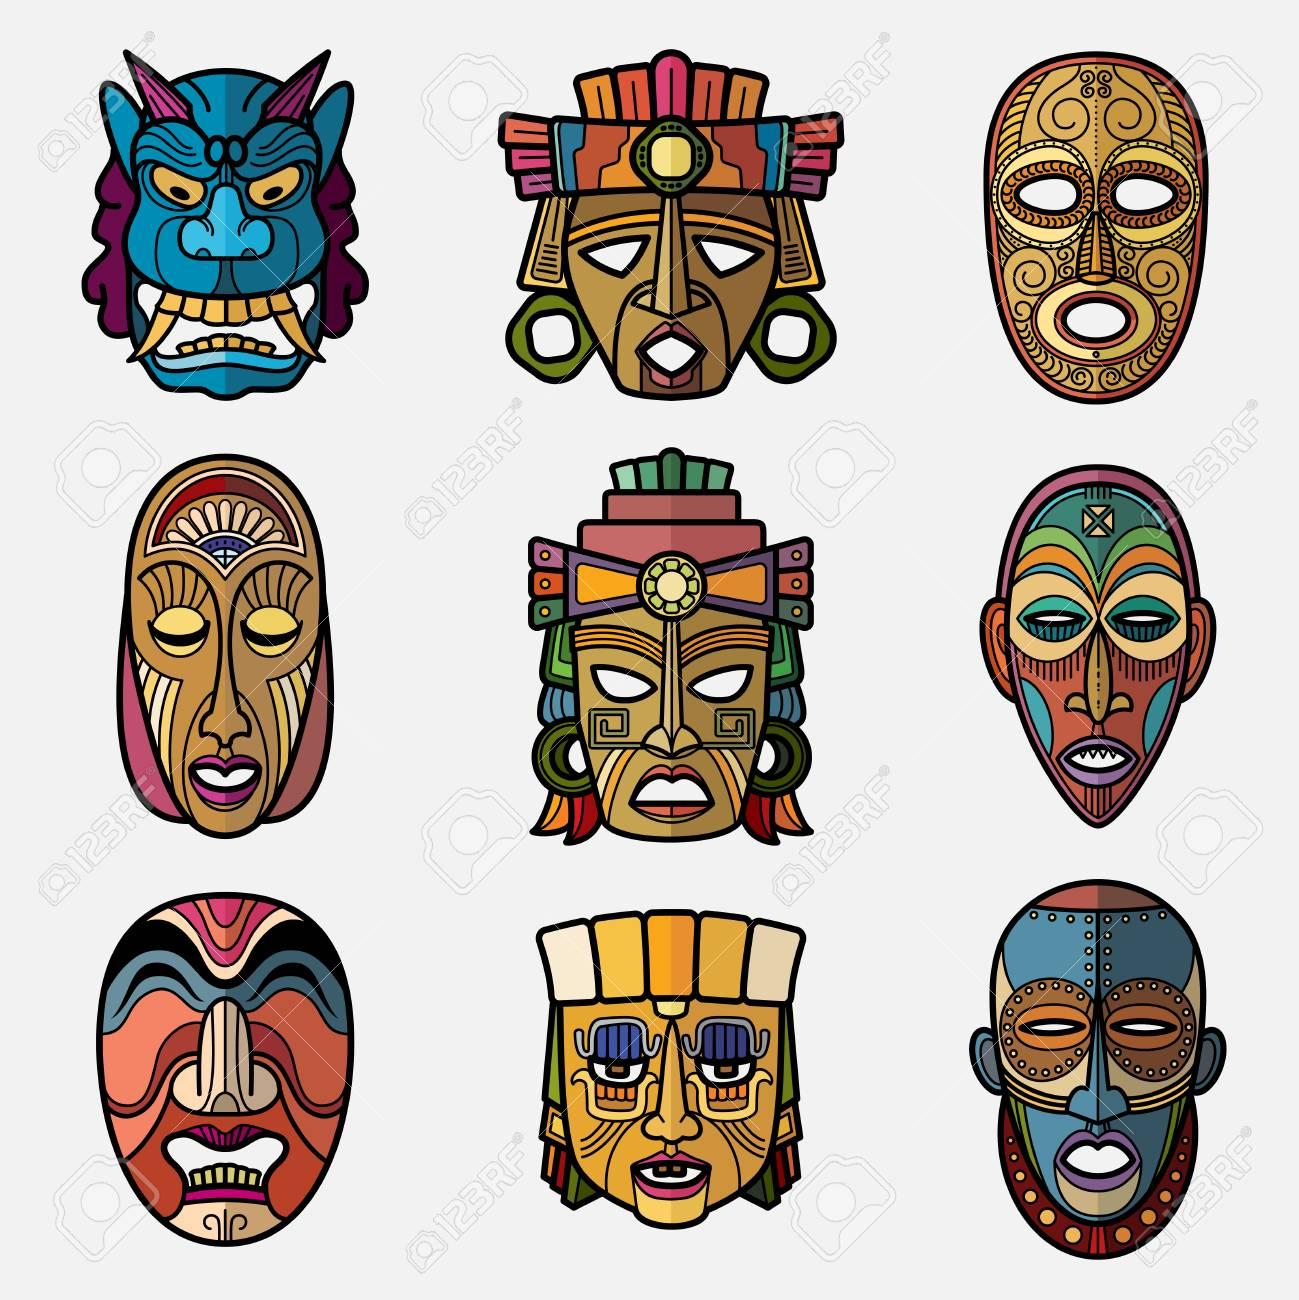 Masque tribal vaudou artisanat africain et symboles totem de culture Amérique du Sud inca vector set. Souvenir de masque africain, illustration de ...